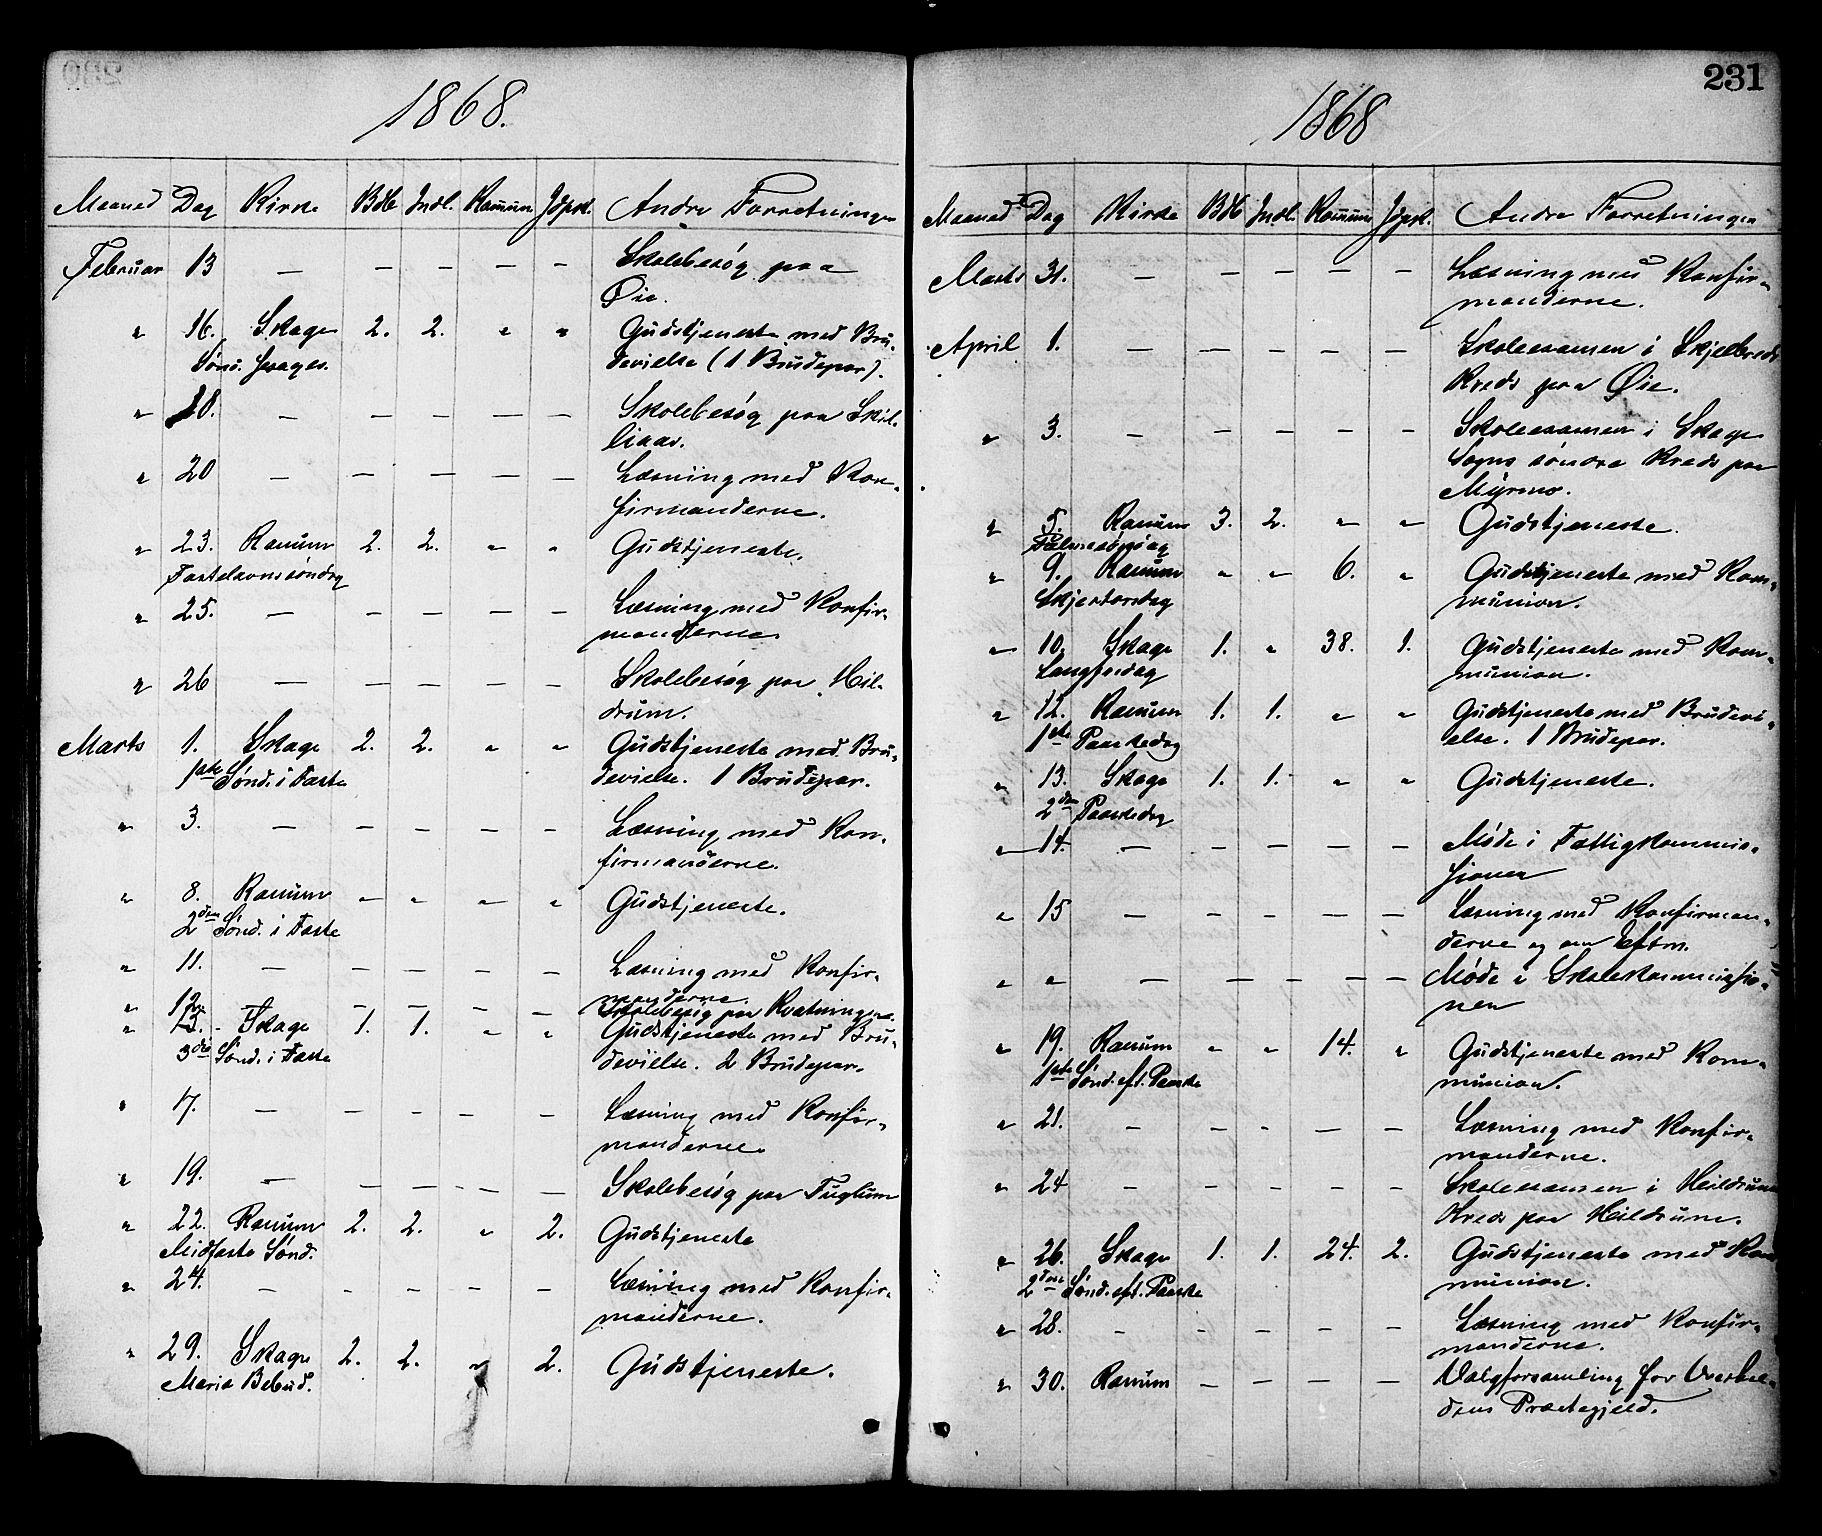 SAT, Ministerialprotokoller, klokkerbøker og fødselsregistre - Nord-Trøndelag, 764/L0554: Ministerialbok nr. 764A09, 1867-1880, s. 231